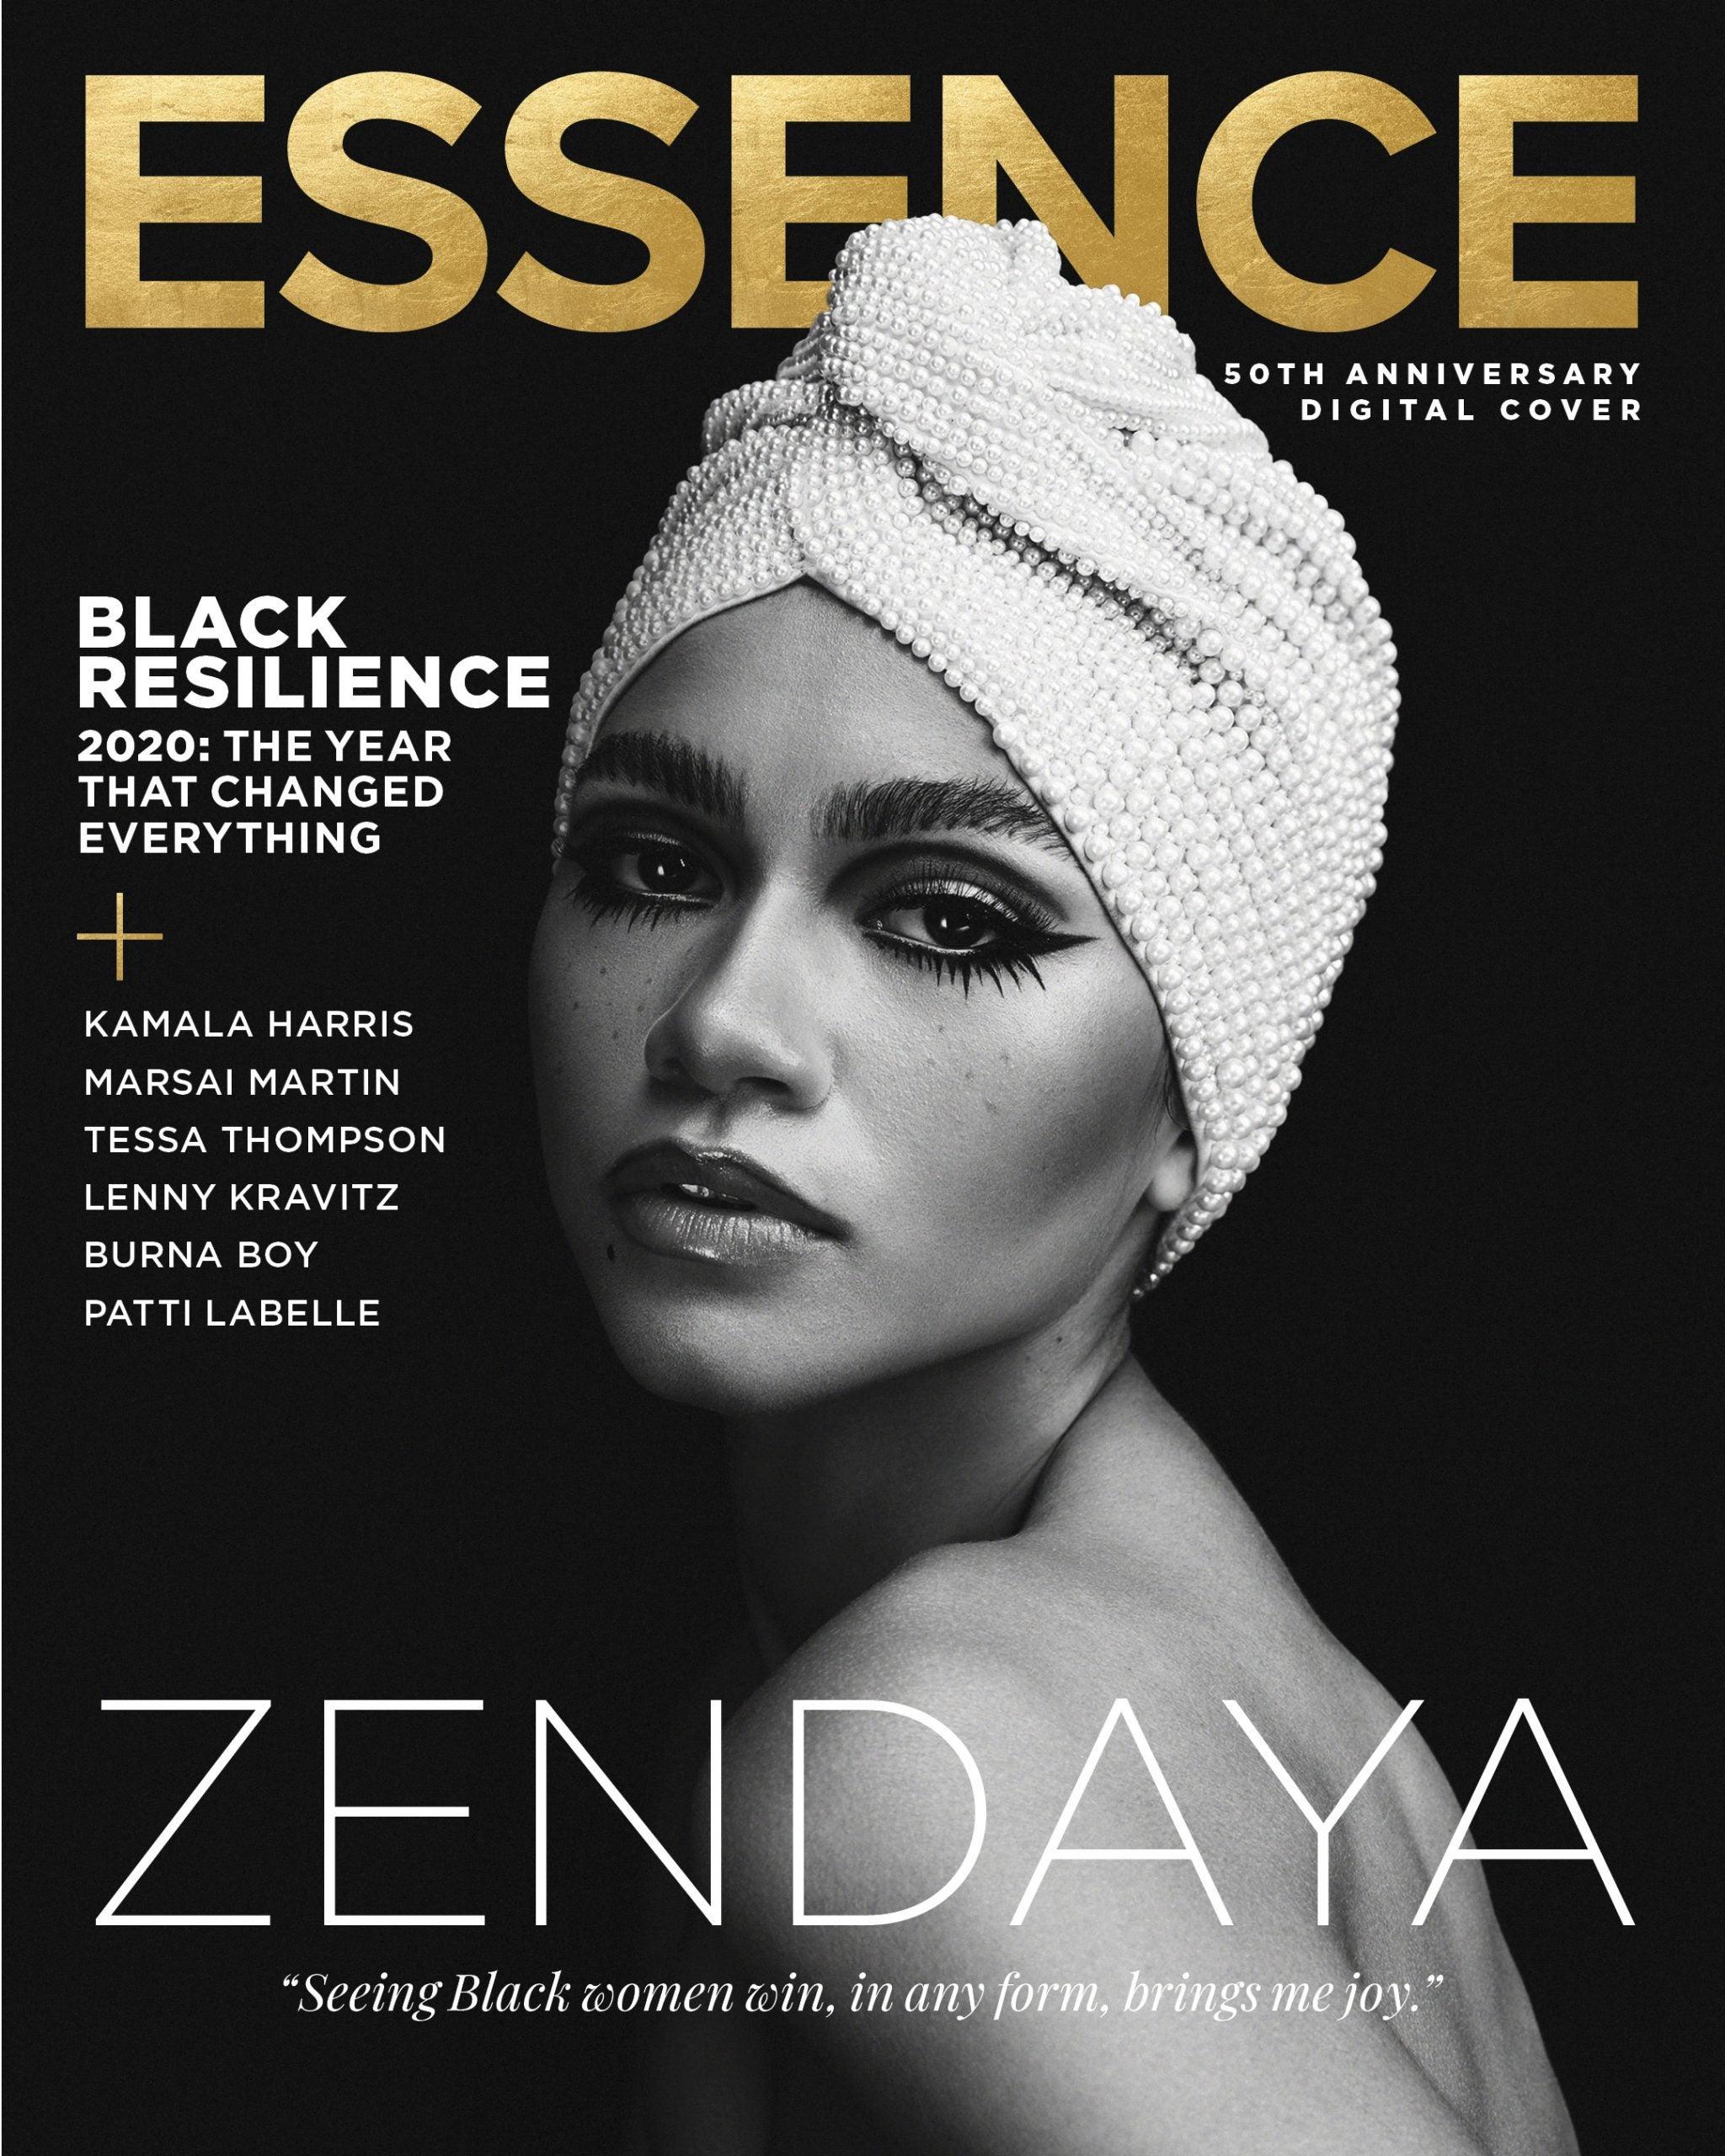 Zendaya über den Gewinn ihres Emmys, Aktivismus durch Kunst und die Ehrung schwarzer Stilikonen